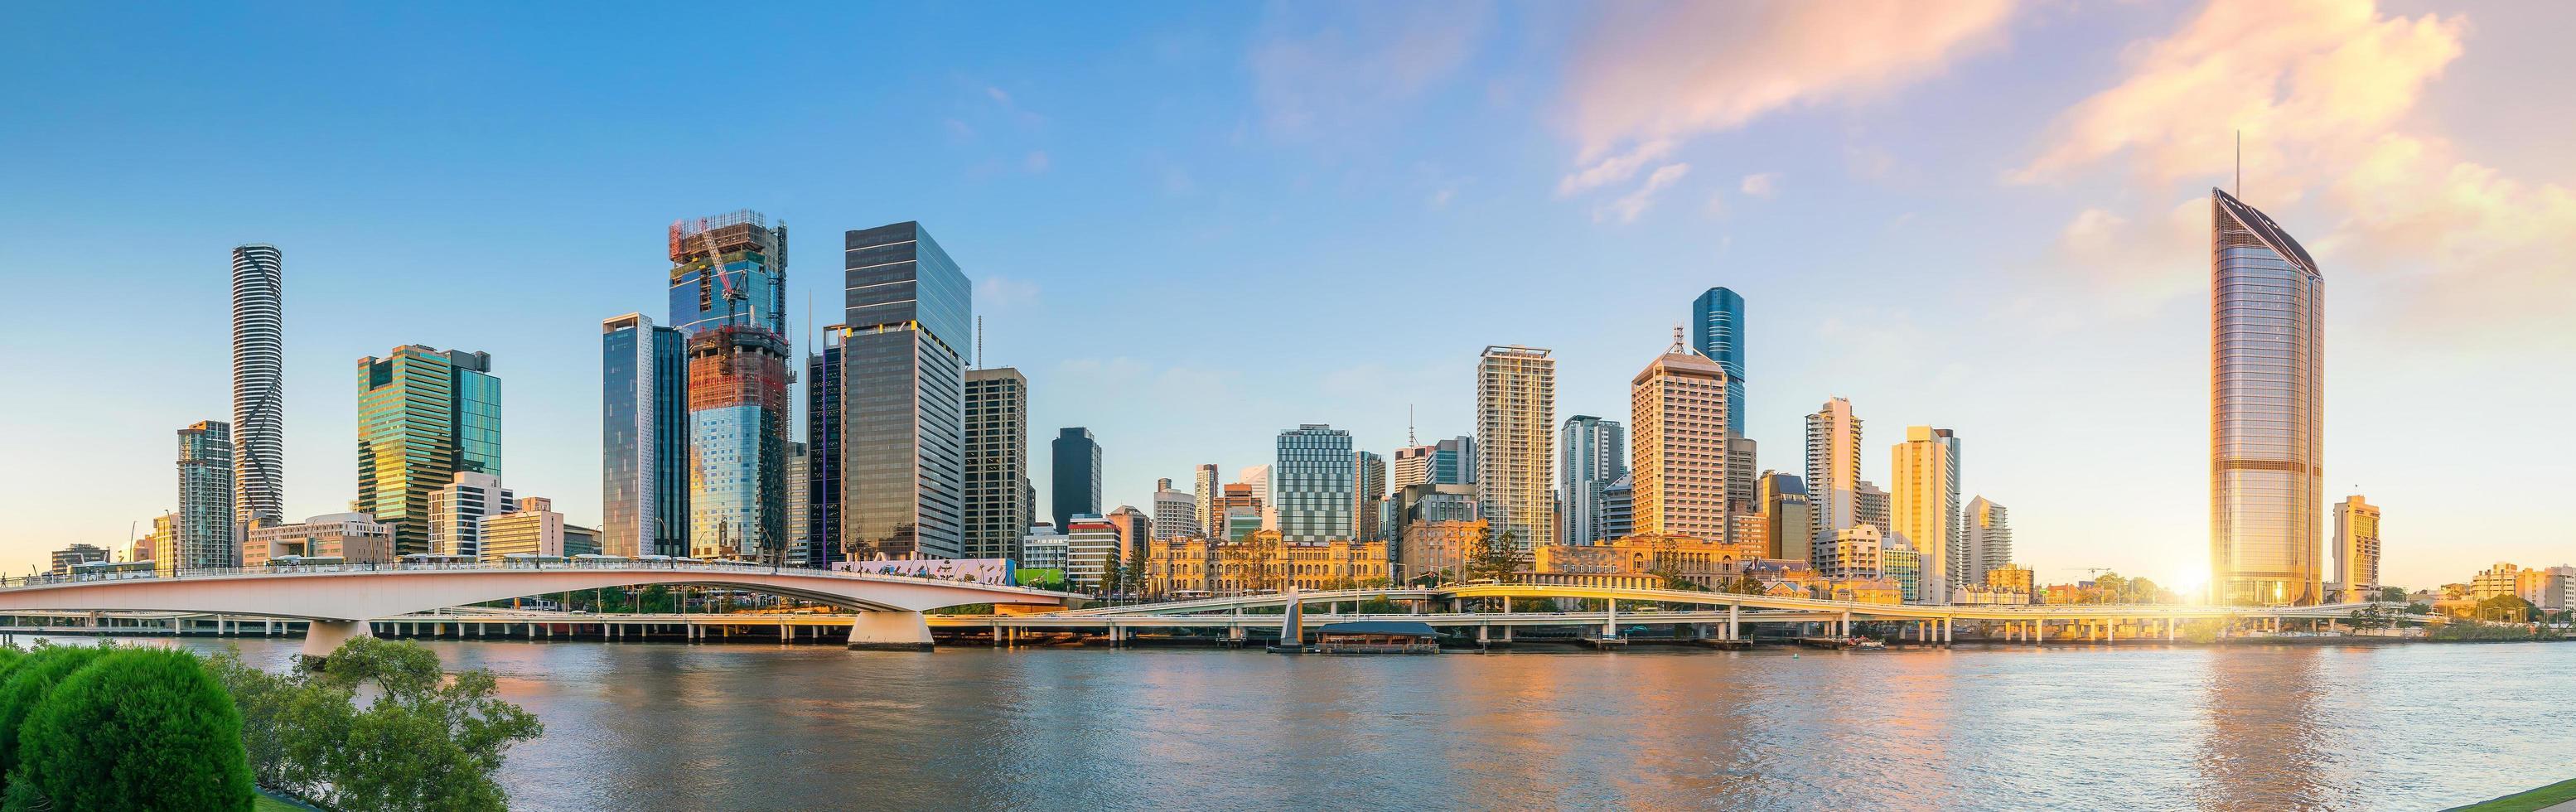 Brisbane Stadt Skyline foto